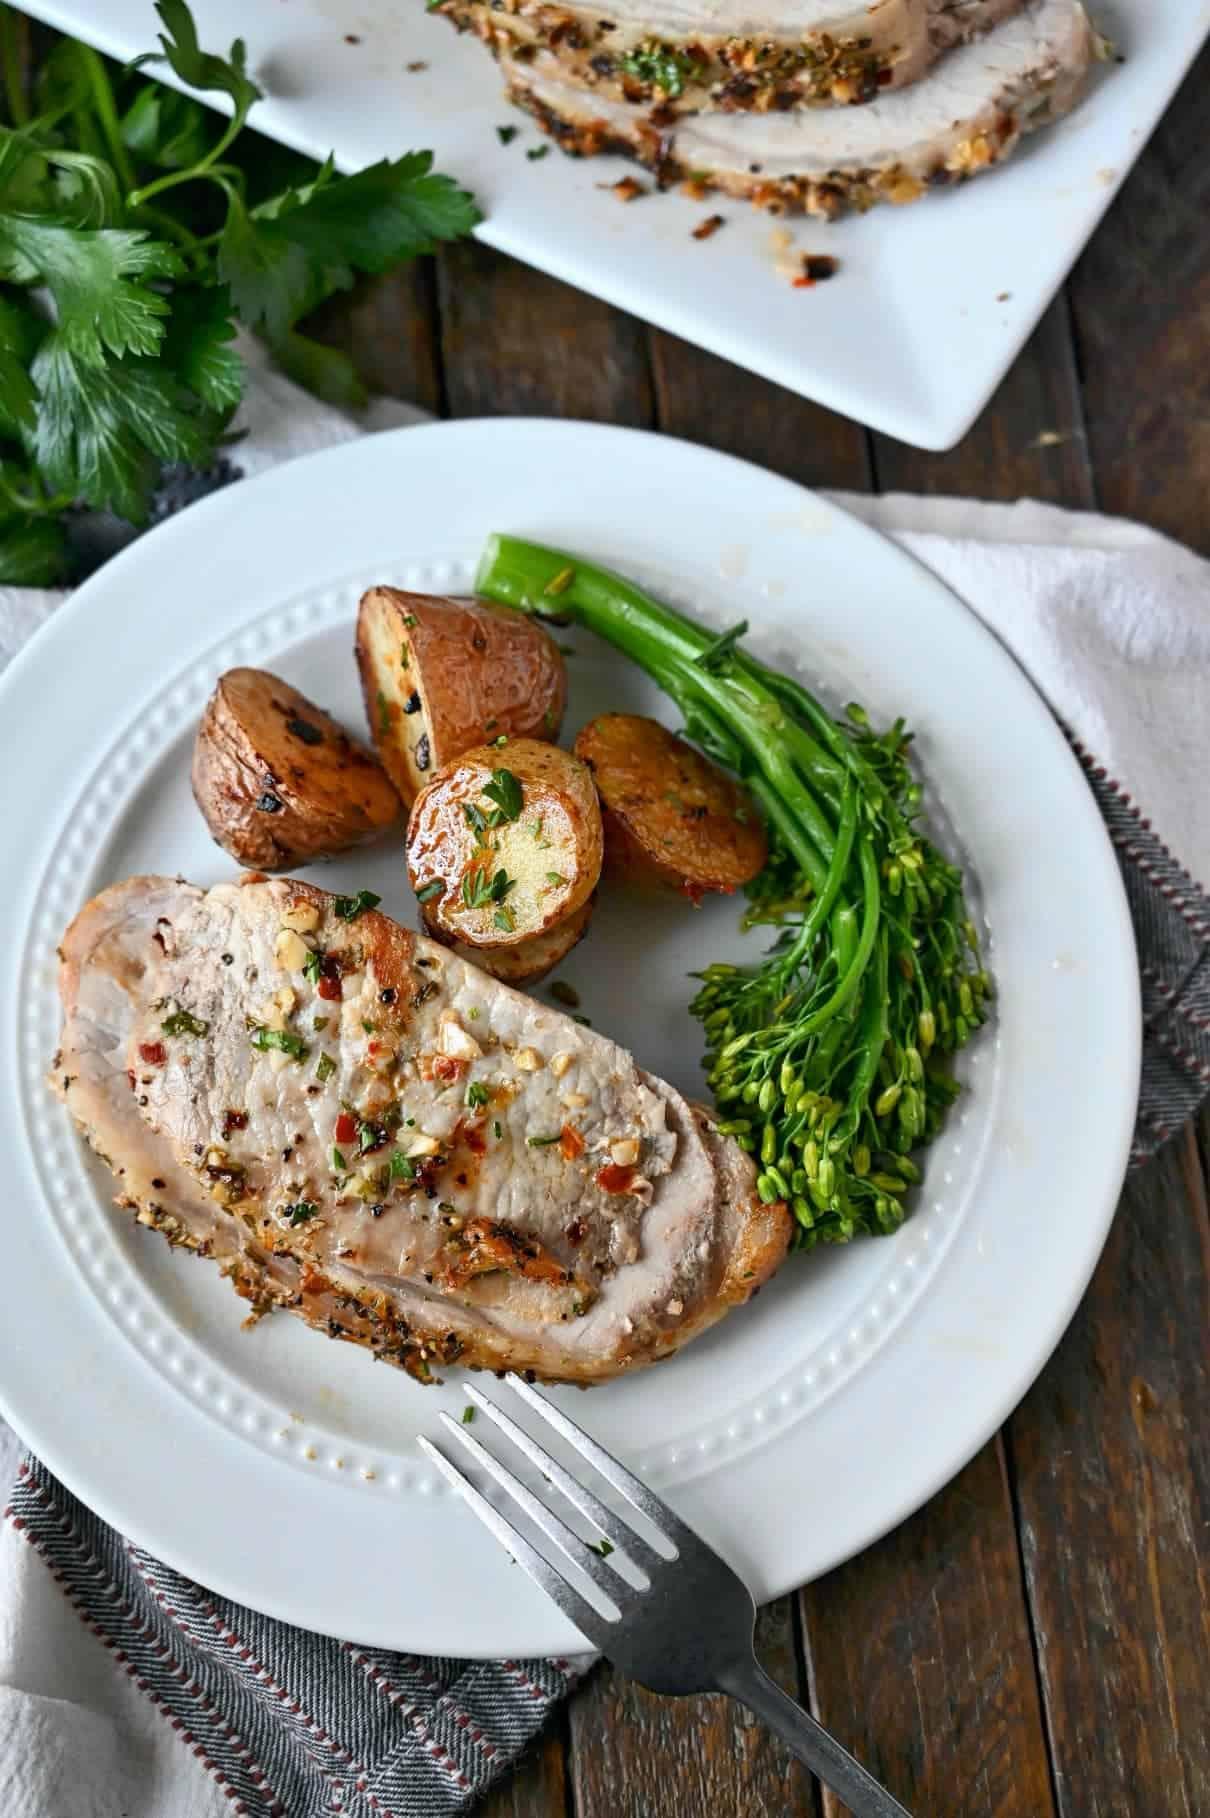 Felie de porumb de porc pe o farfurie albă, cu o parte de cartofi prăjiți și broccolini.